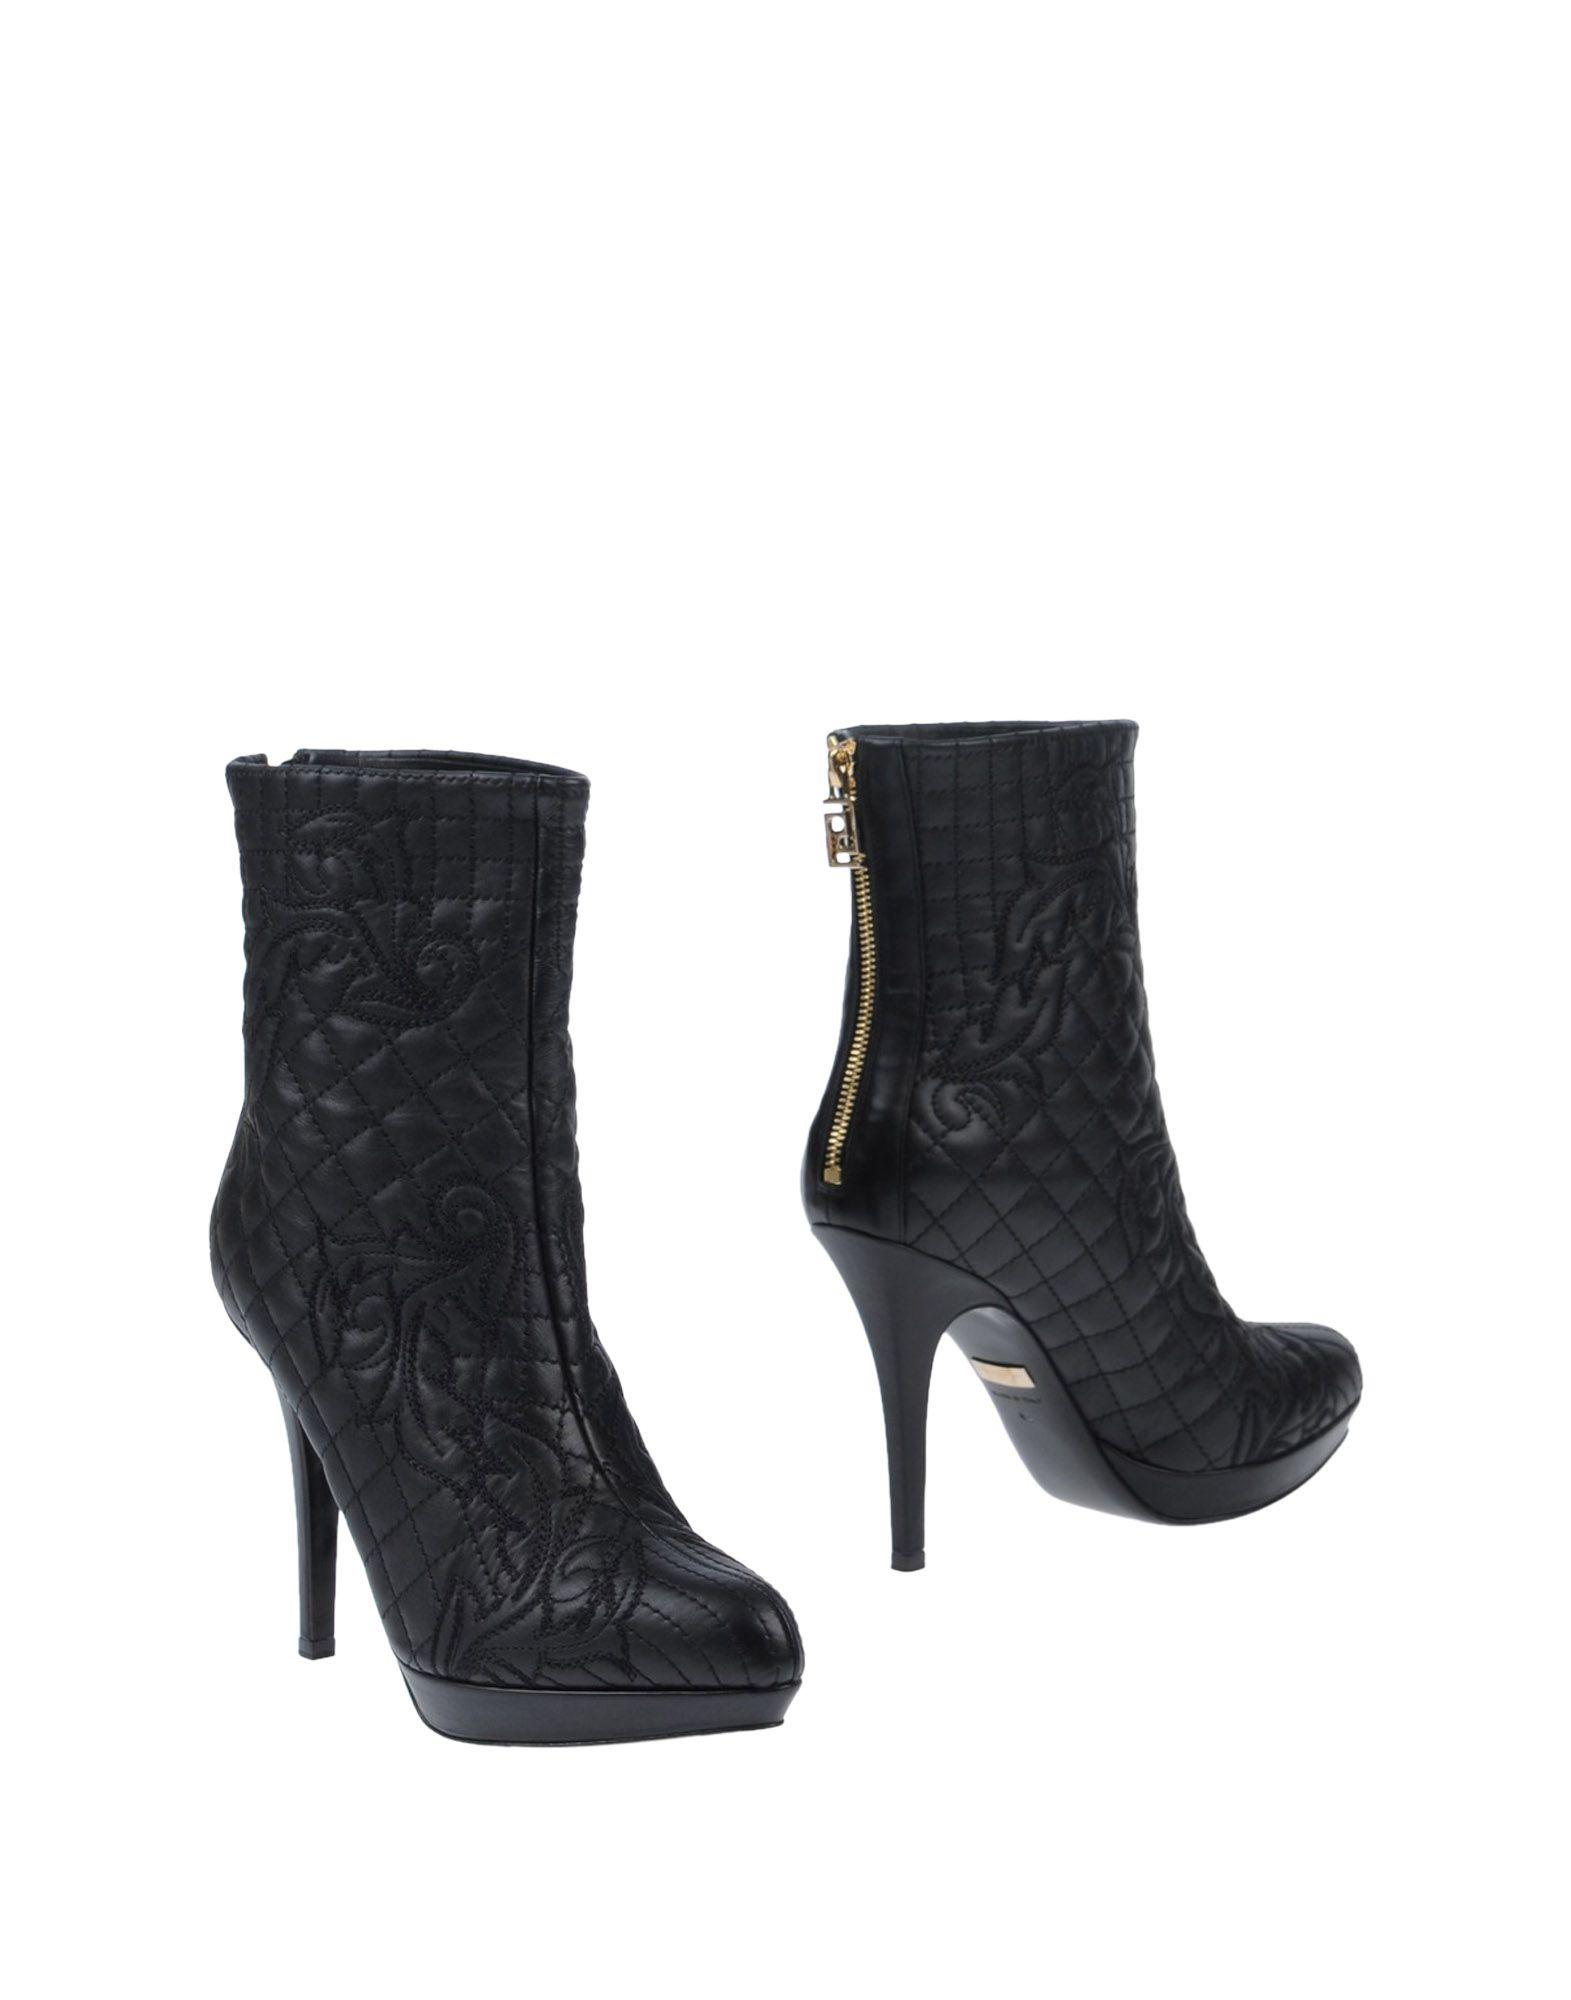 Stivaletti Gianni Versace Donna - 11498025QK